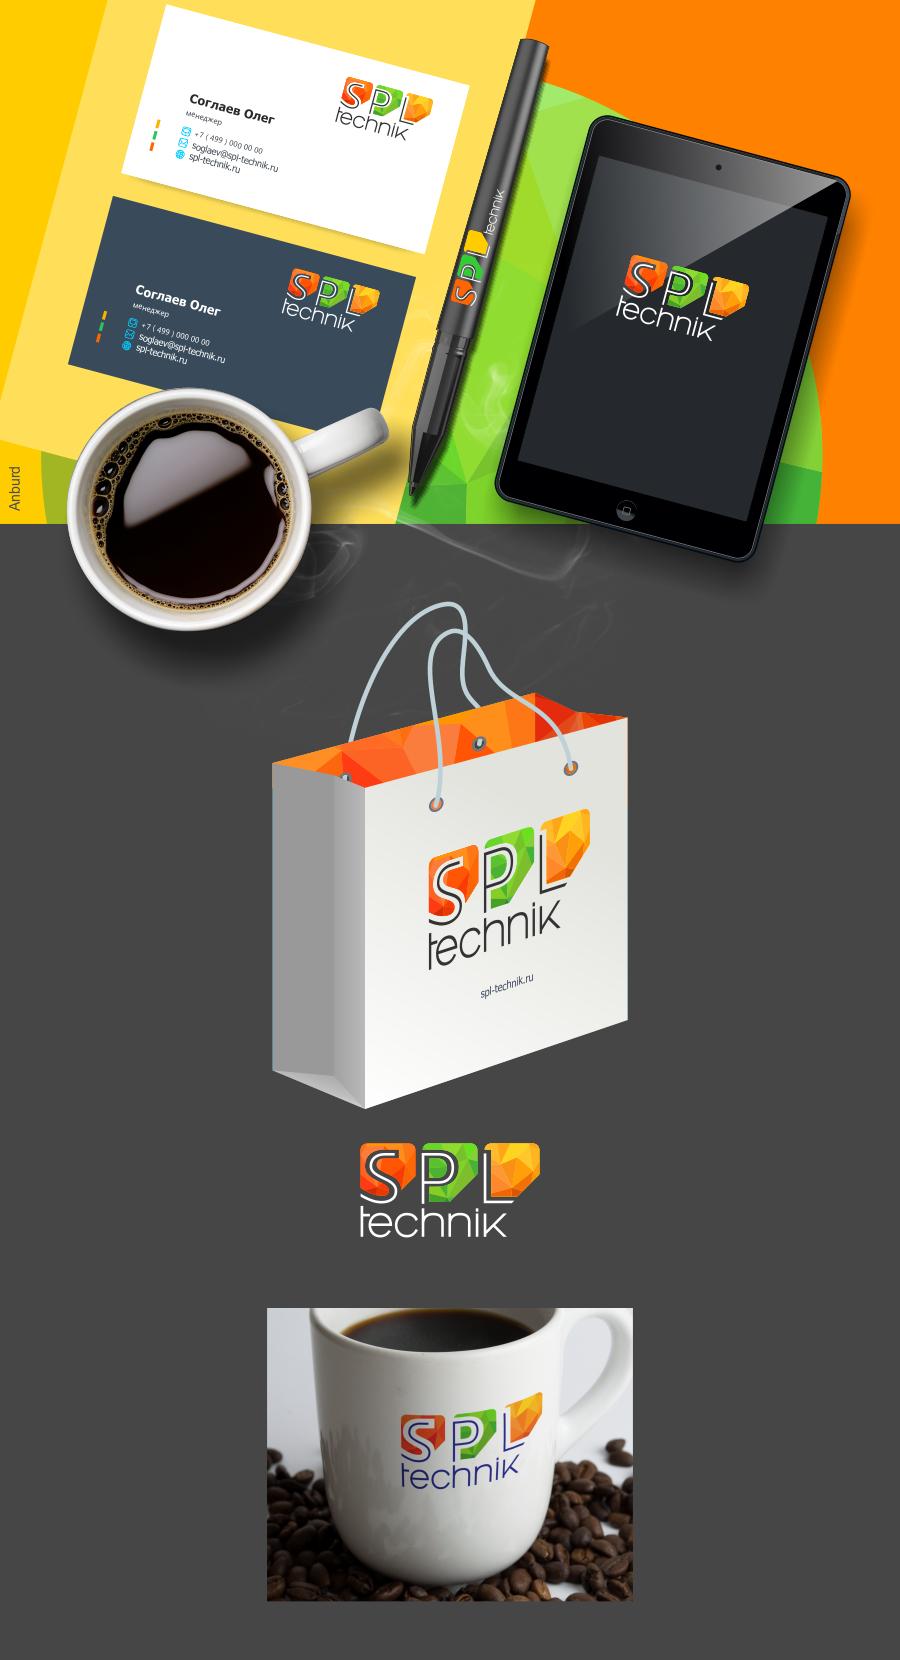 Разработка логотипа и фирменного стиля фото f_65159b540bec86e7.png